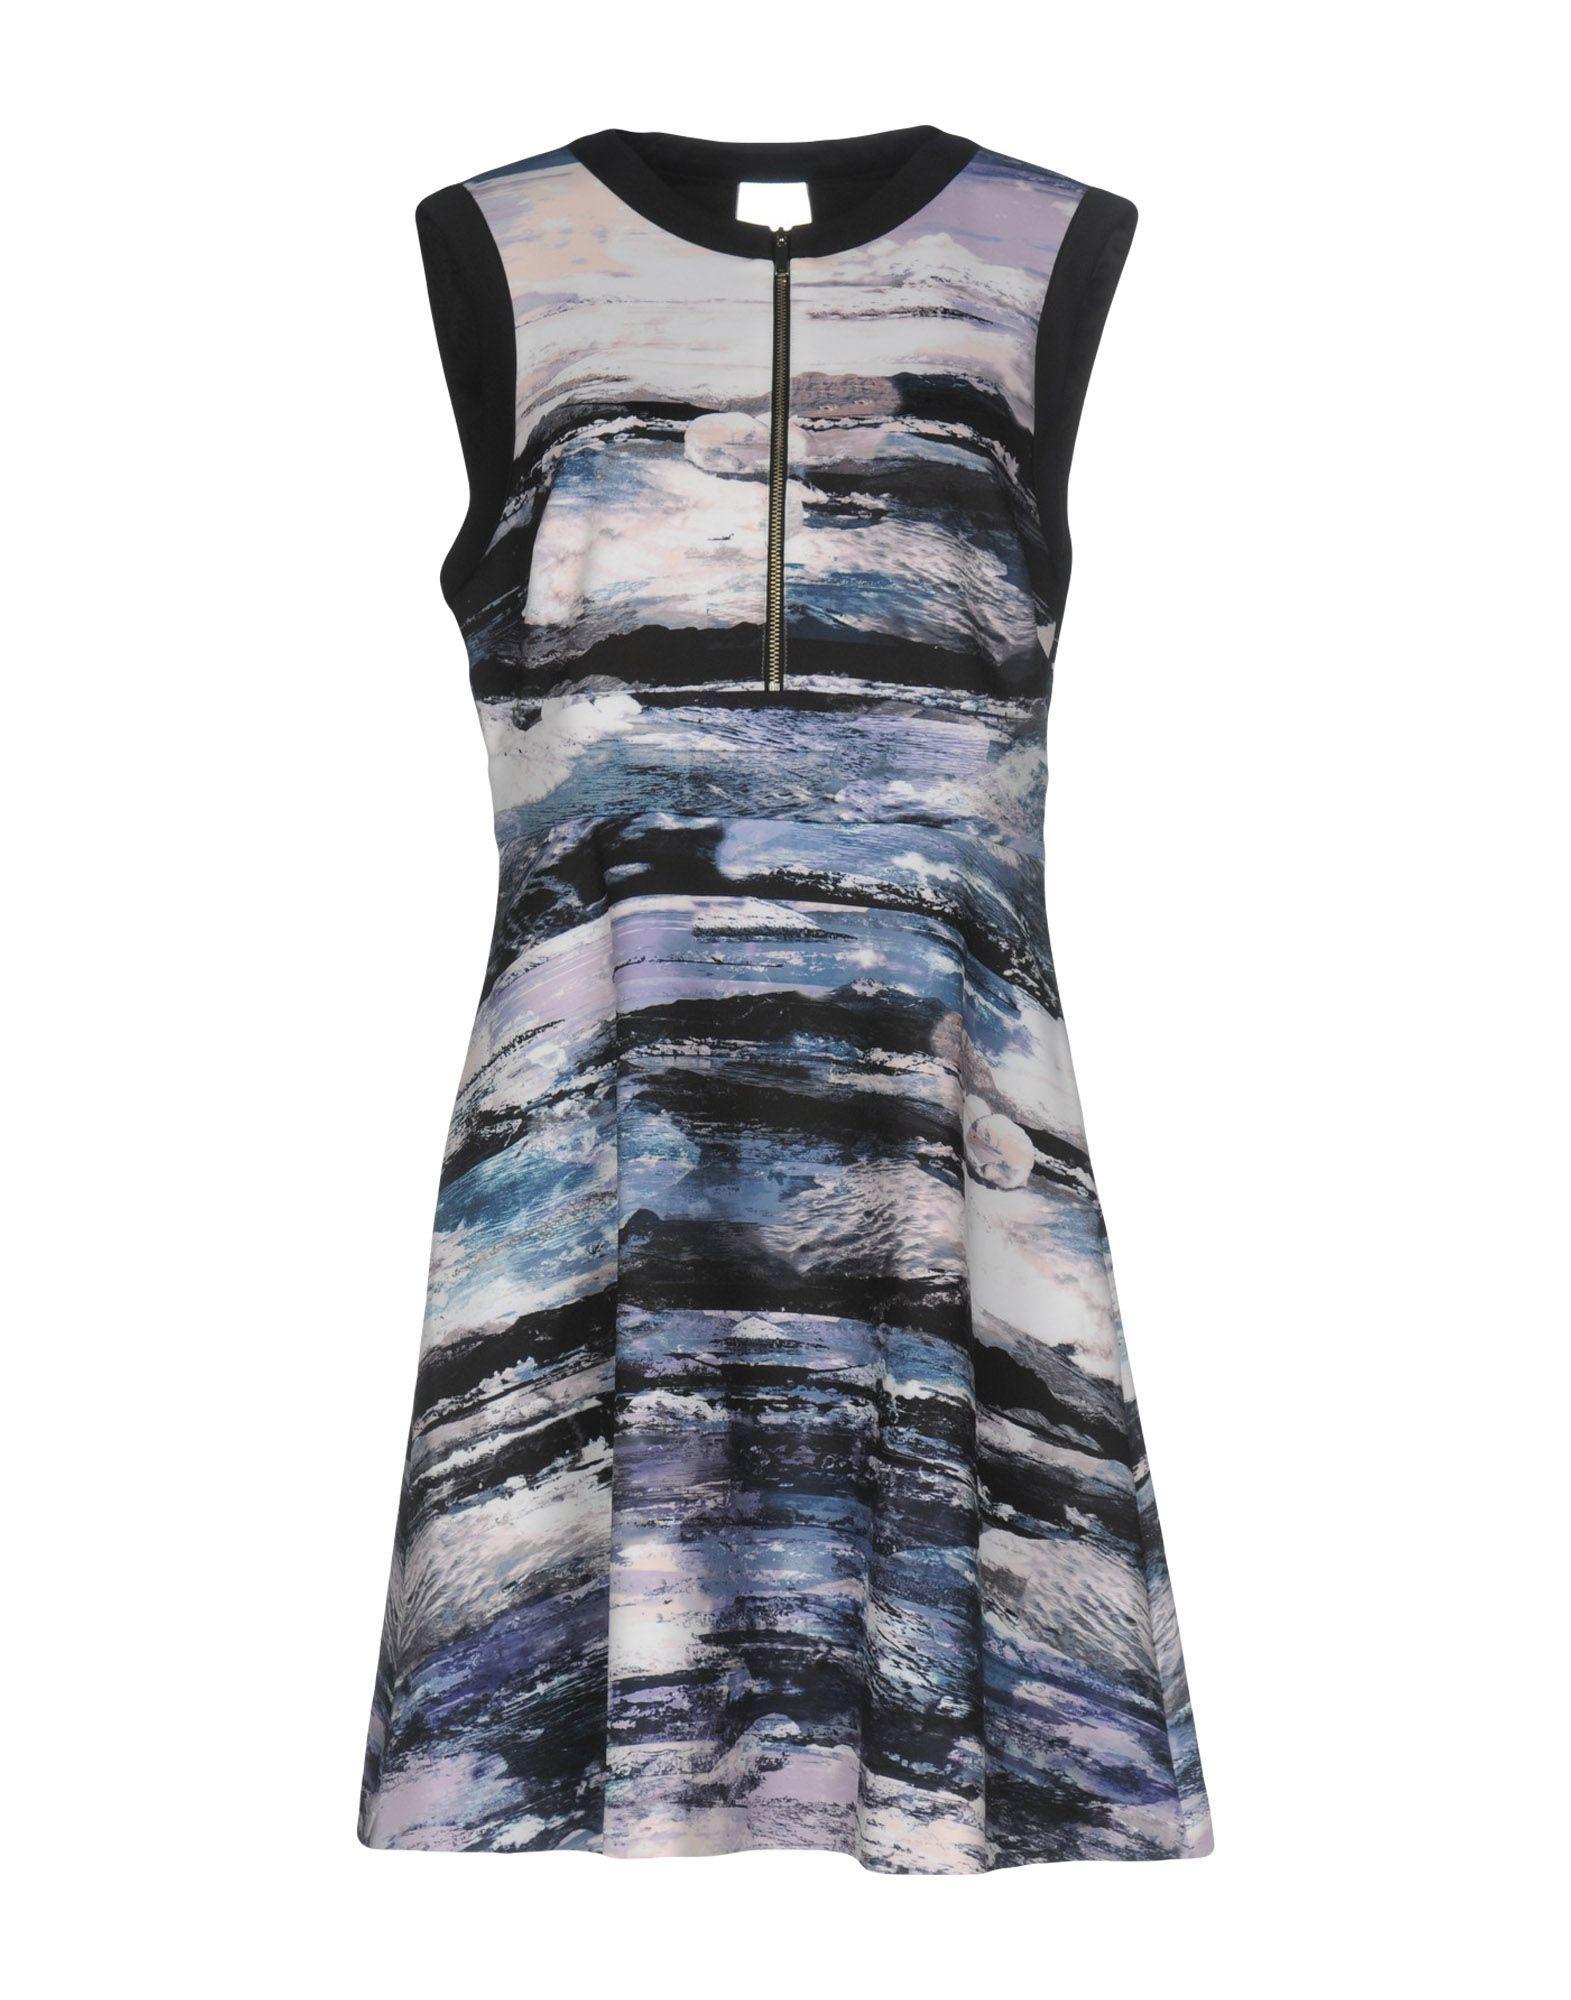 Karen Millen Purple Print Sleeveless Dress